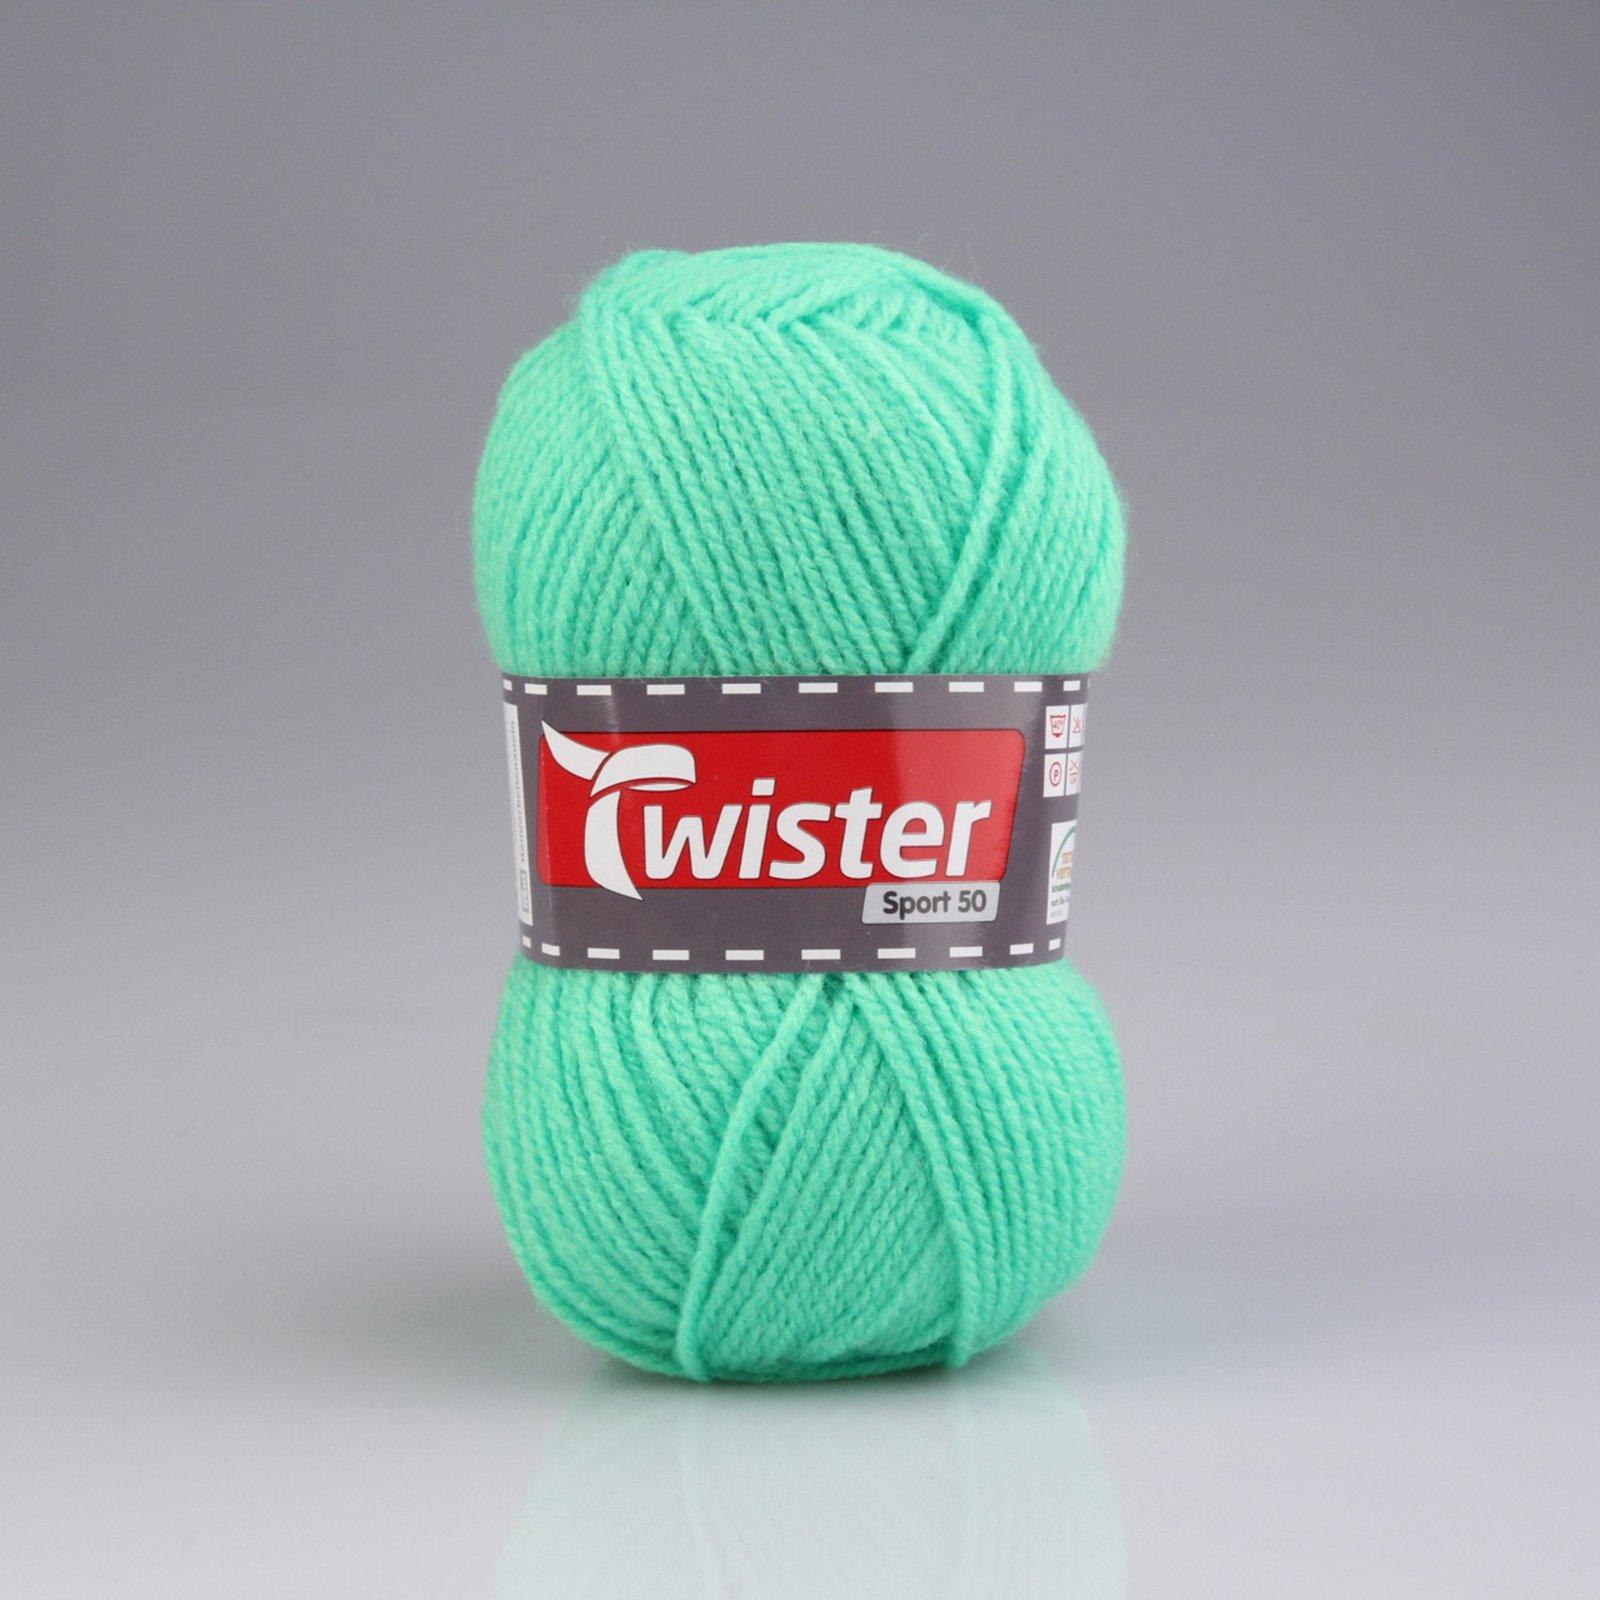 Wolle TWISTER SPORT UNI - neongrün - 50g